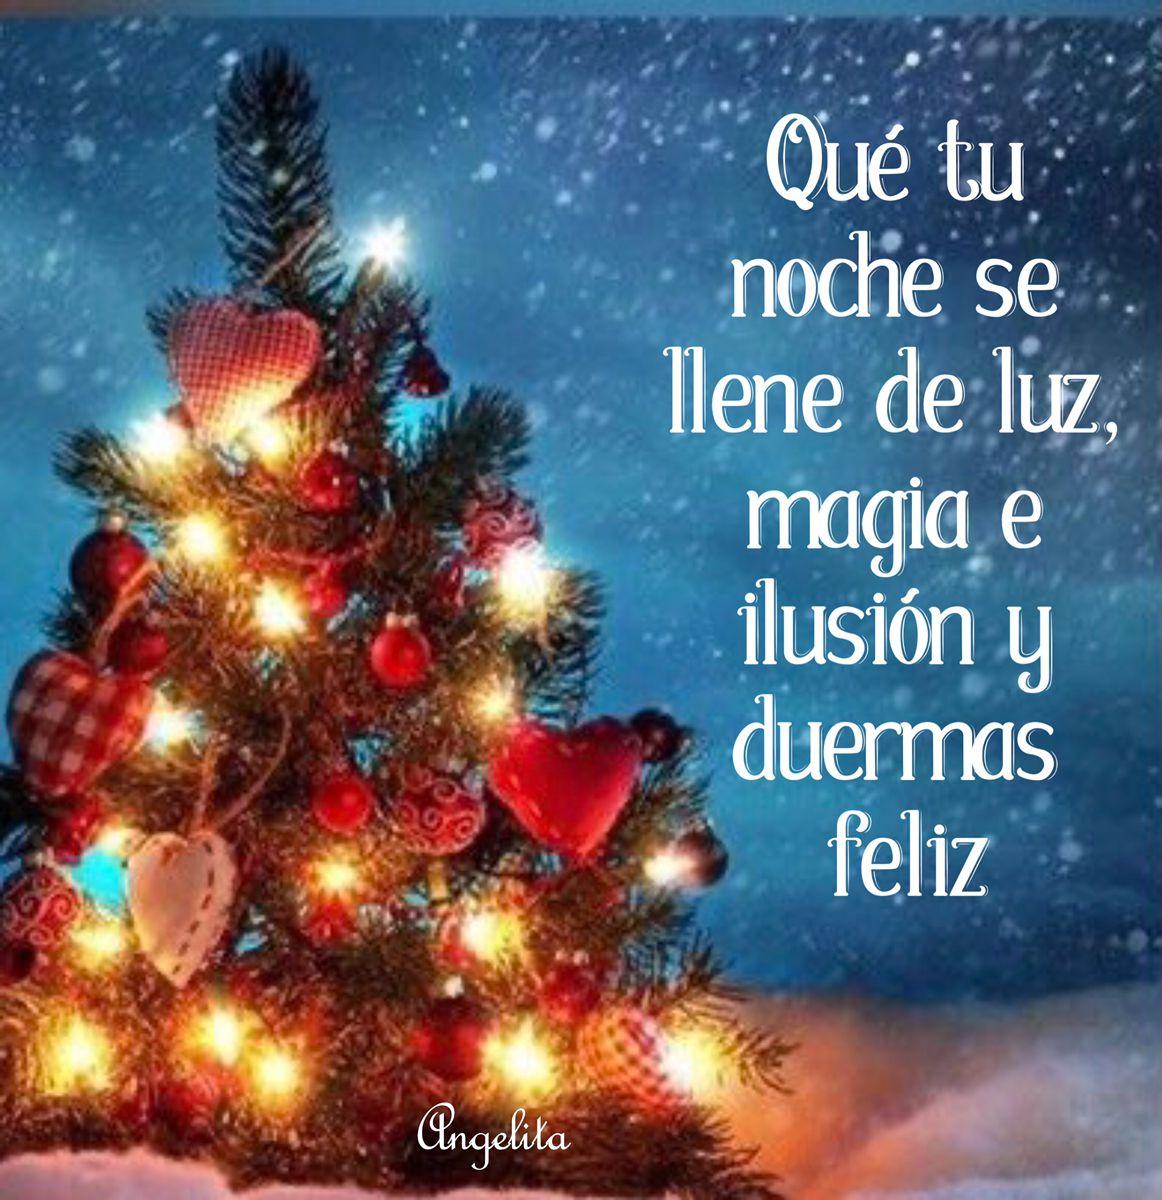 Pin De Xinia En Diciembre Mensajes De Feliz Noche Buenas Noches Frases Buenas Noches Dulces Sueños